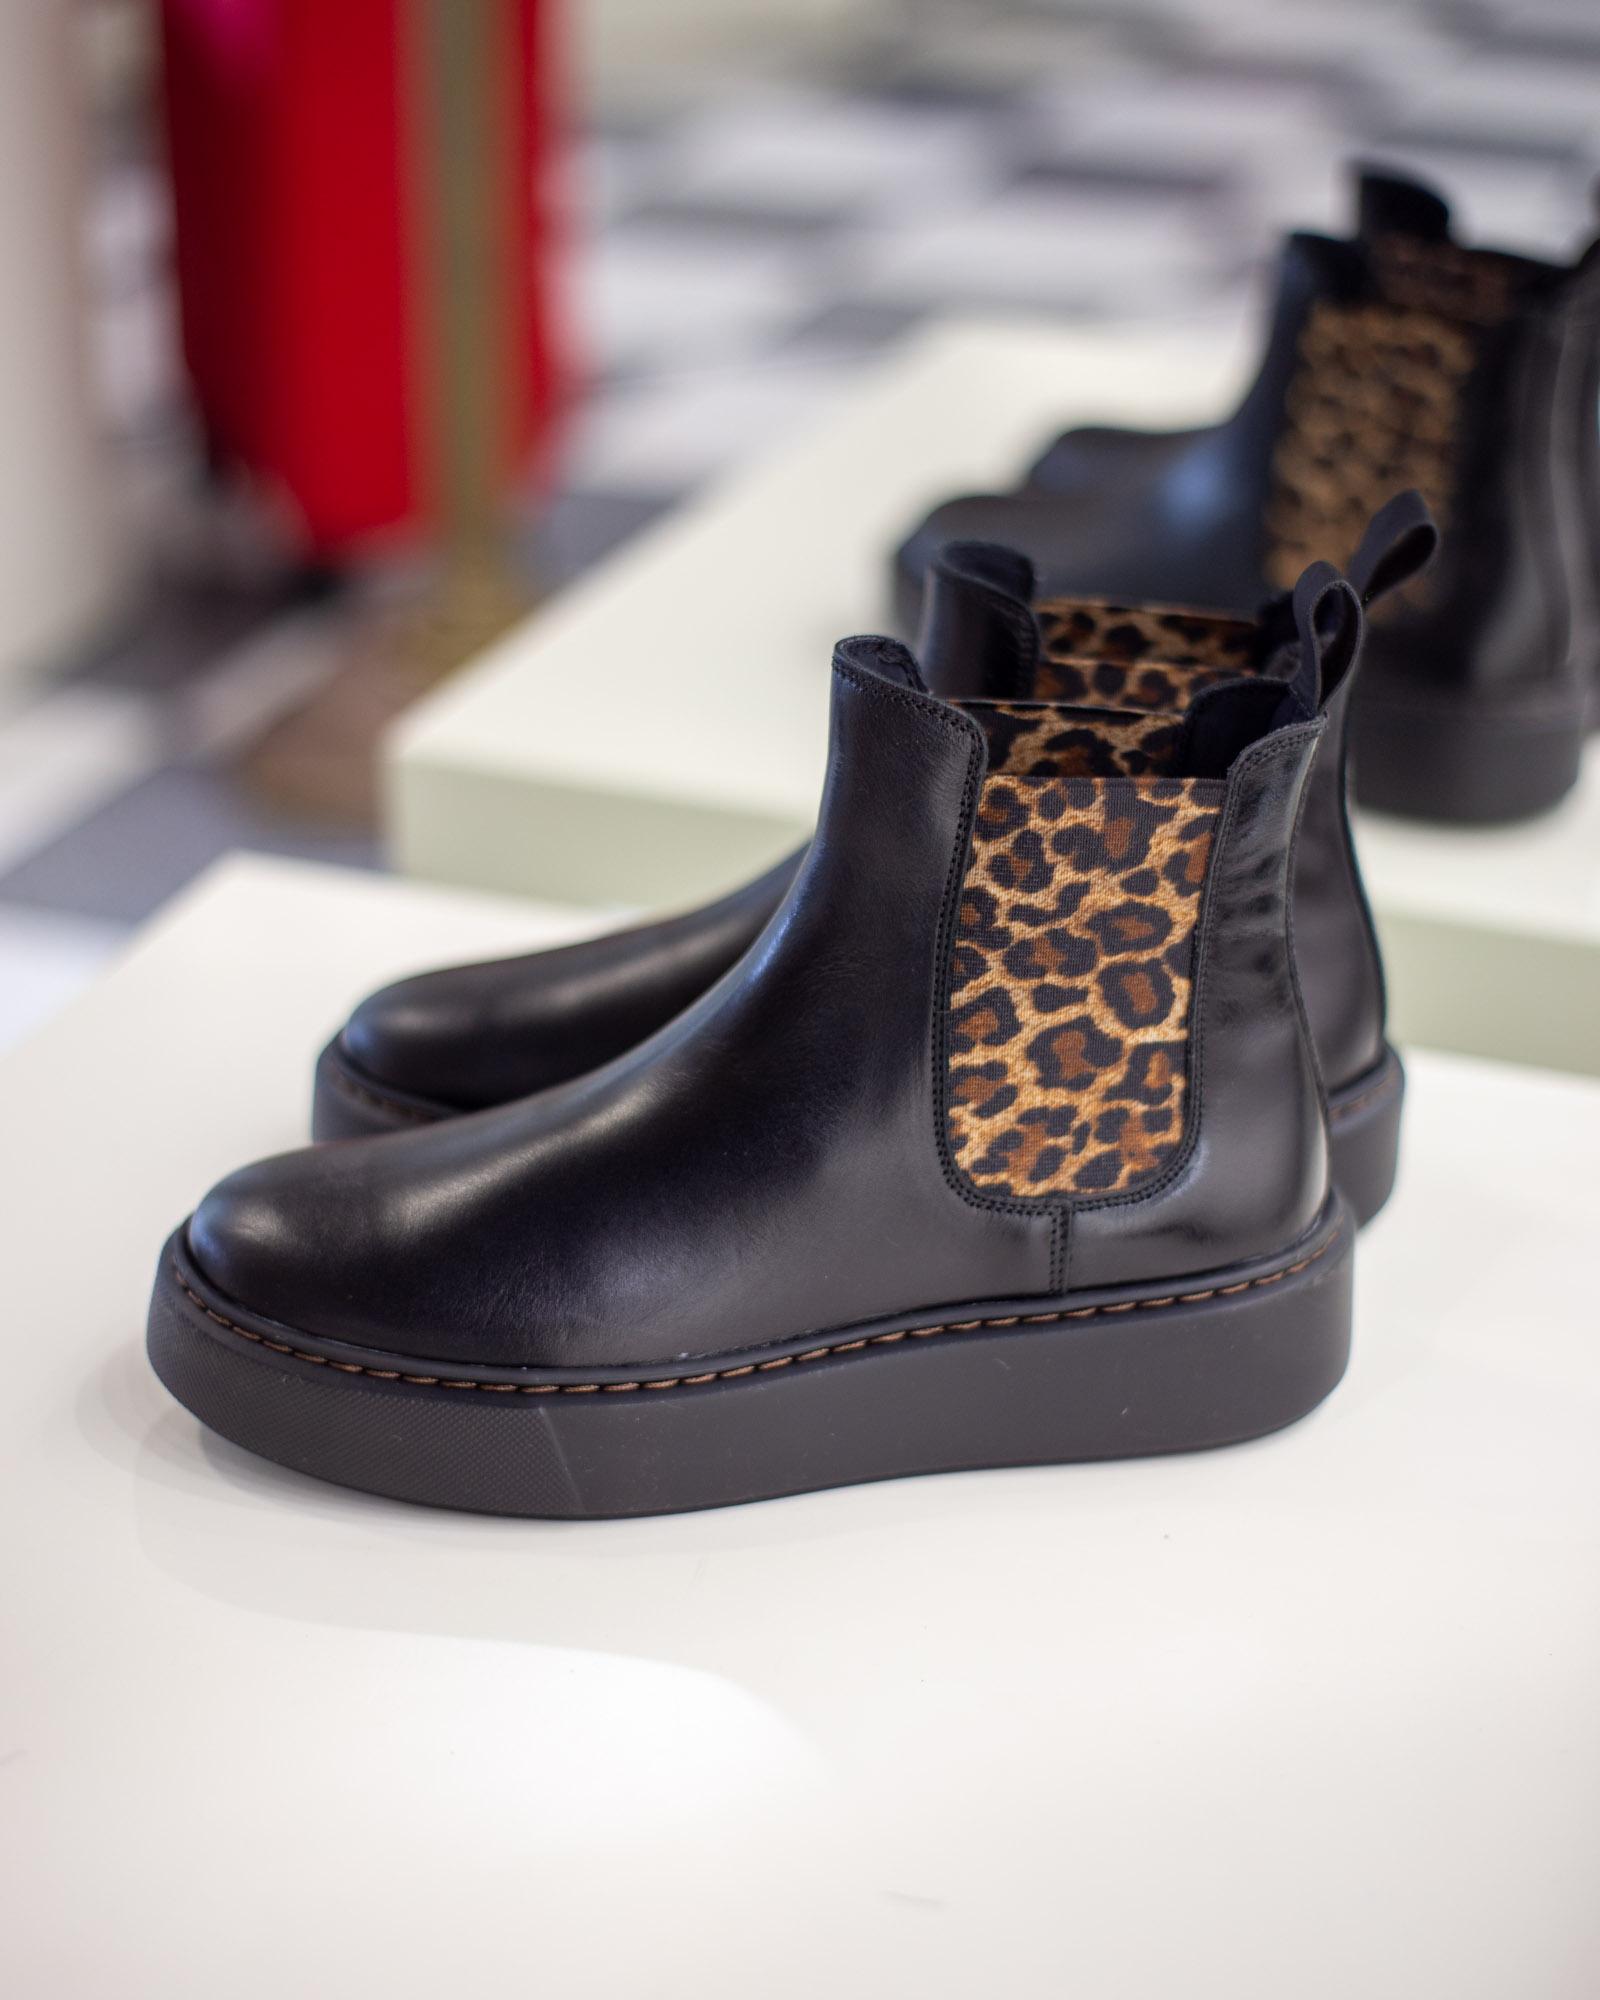 Stivali con inserto leopardato